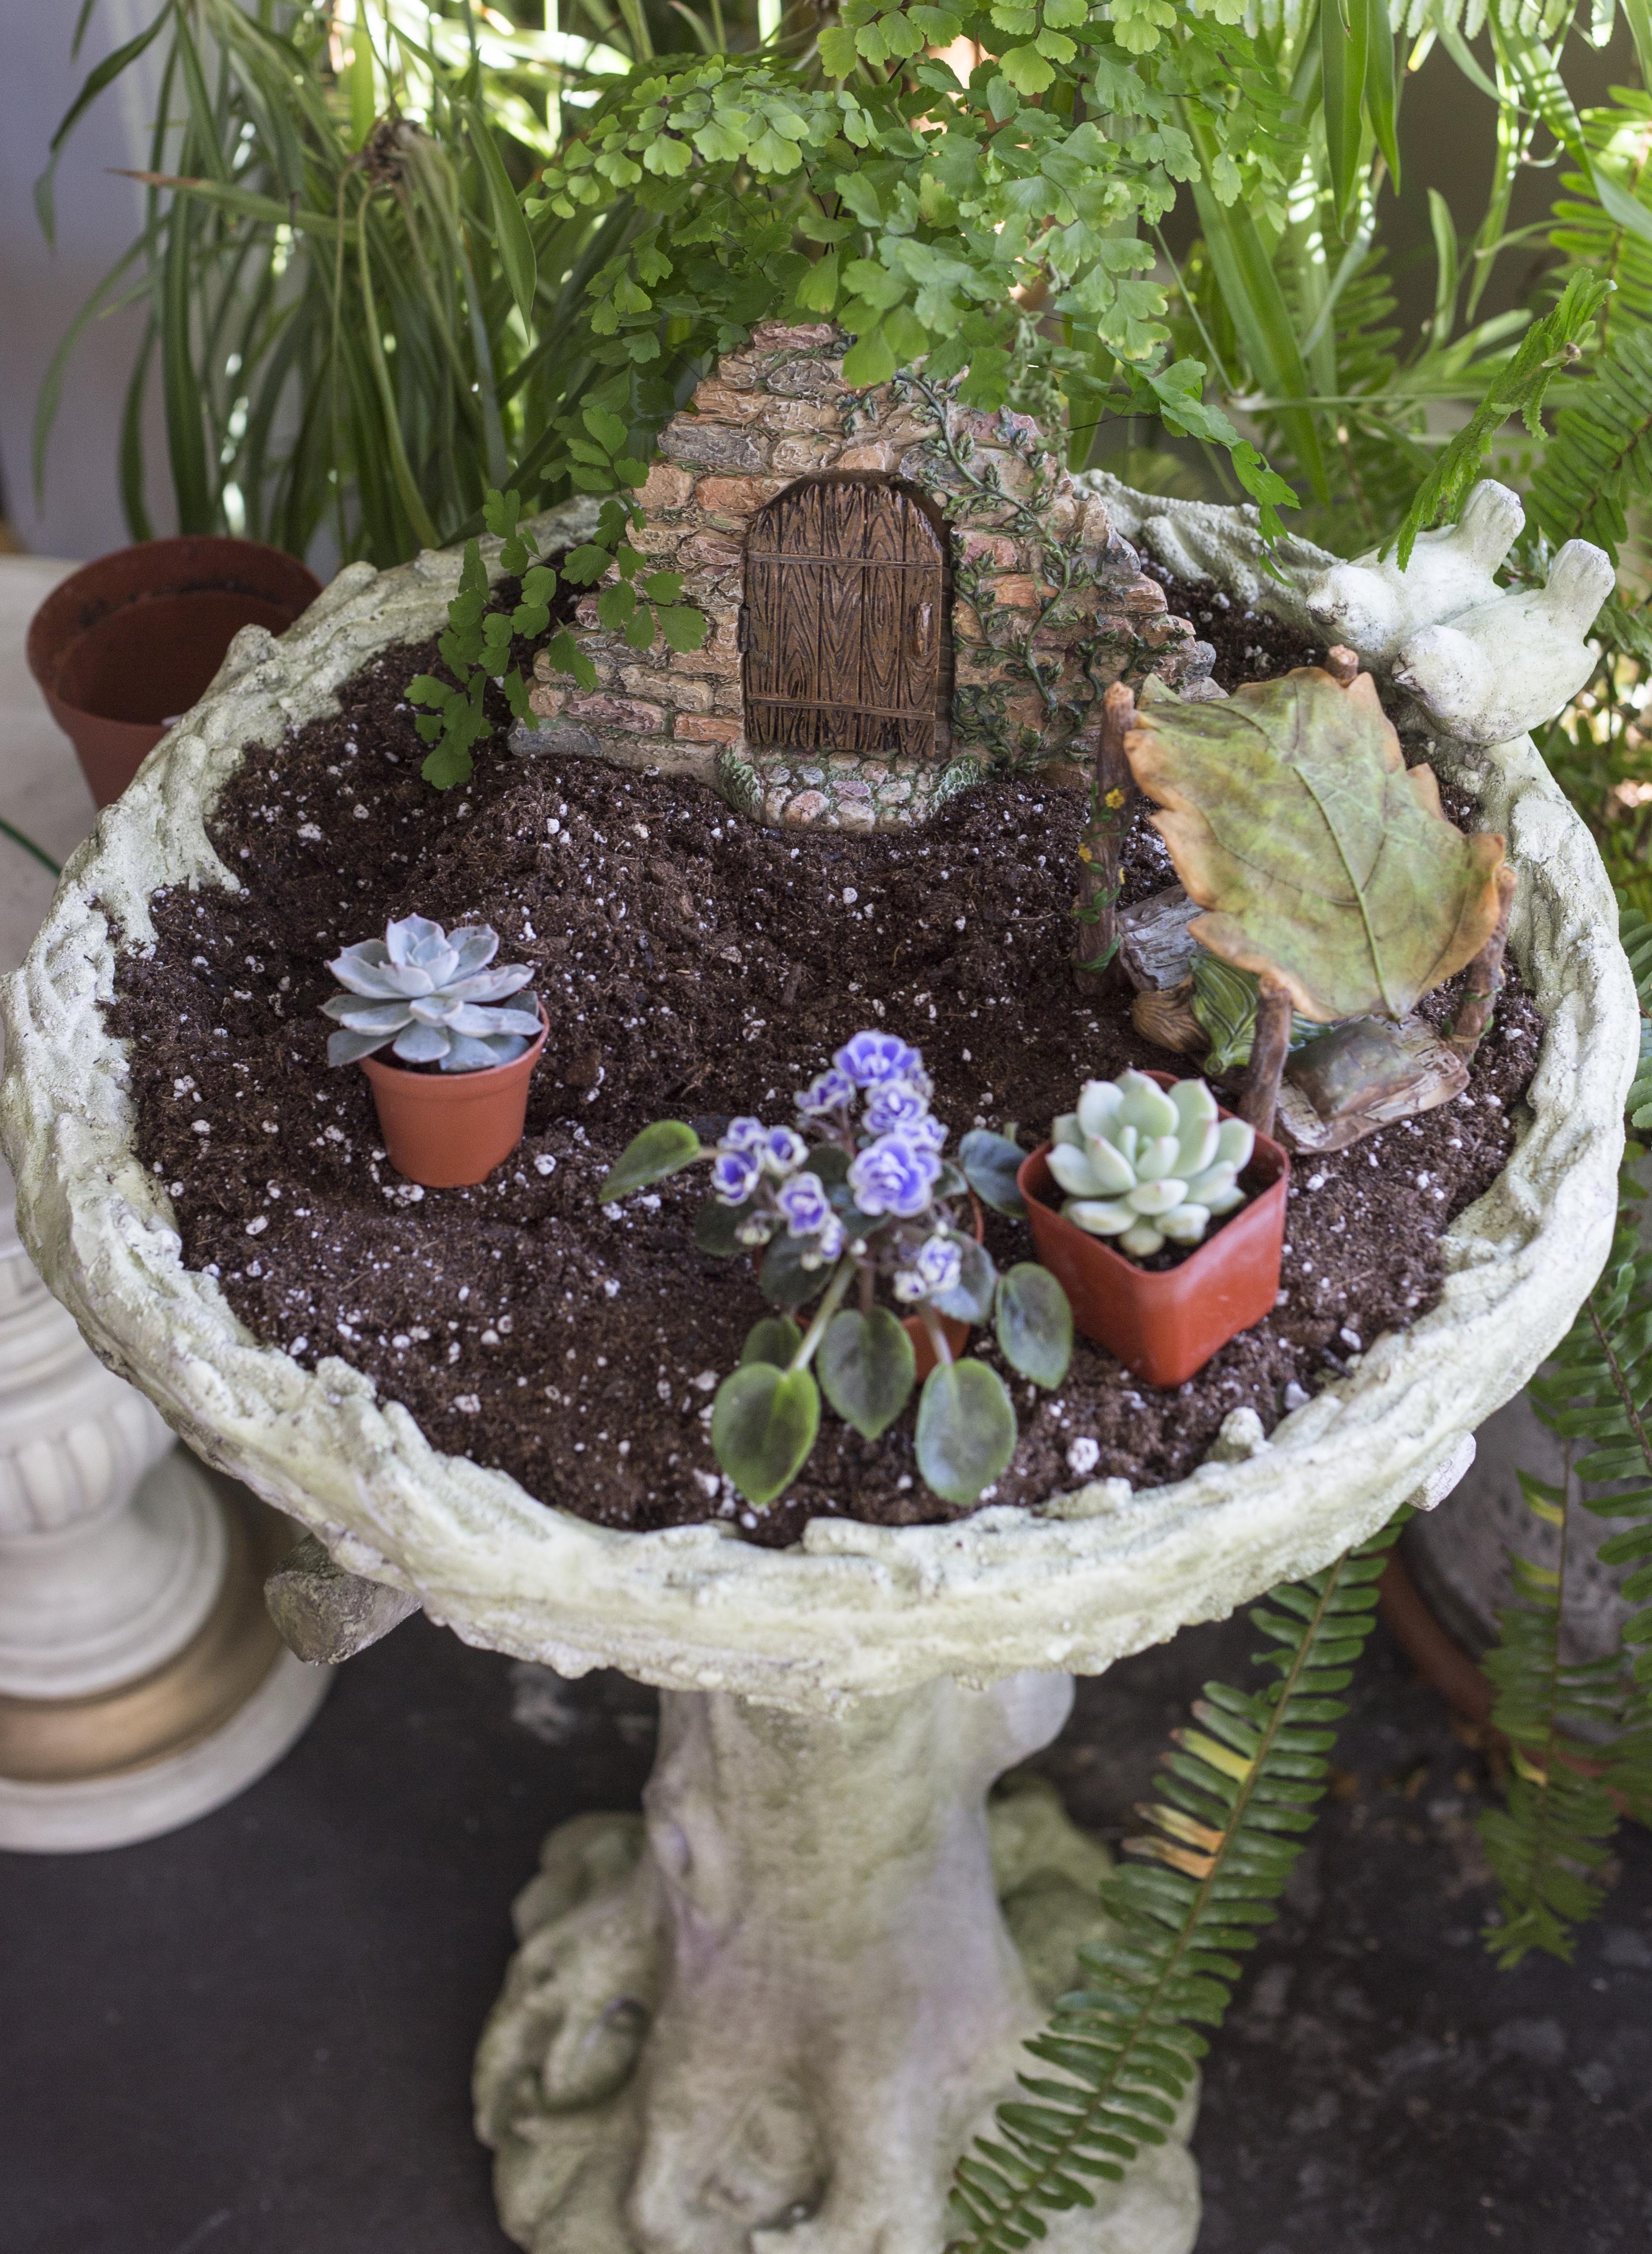 Enchanted Garden: Enchanted Fairy Gardens: The Birdbath Garden